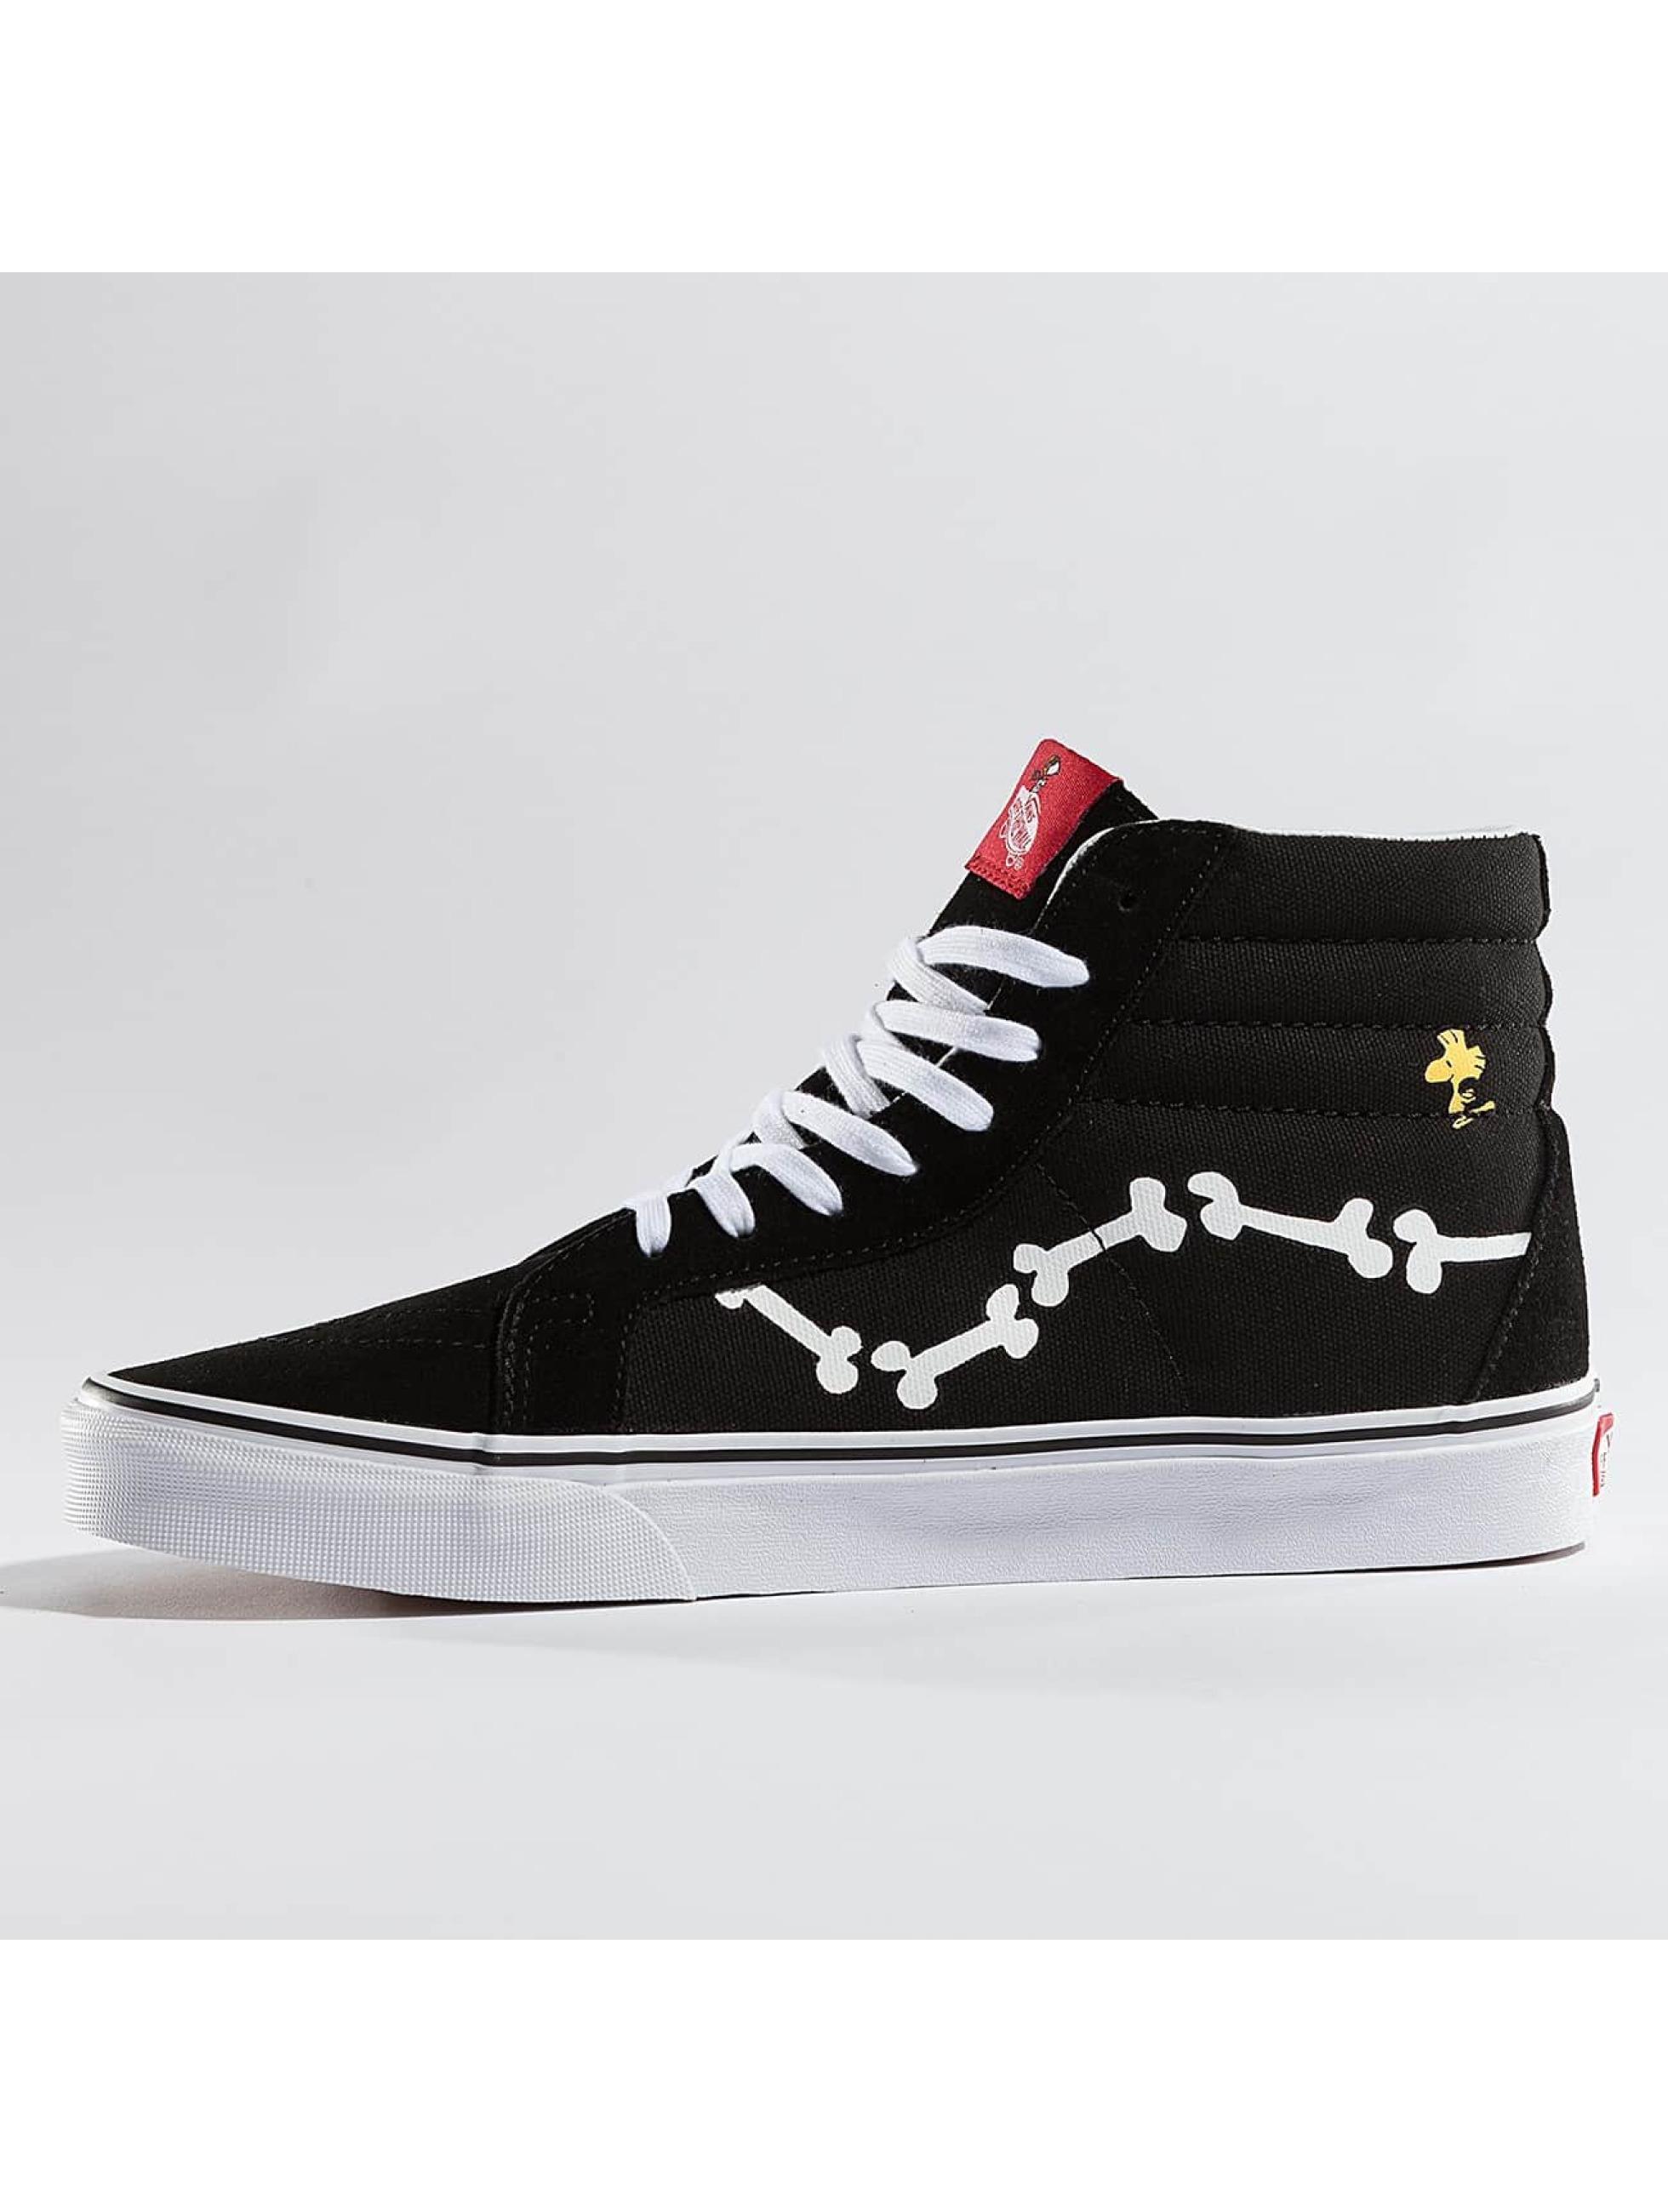 vans sneaker peanuts snoopy bones sk8 hi reissue in. Black Bedroom Furniture Sets. Home Design Ideas